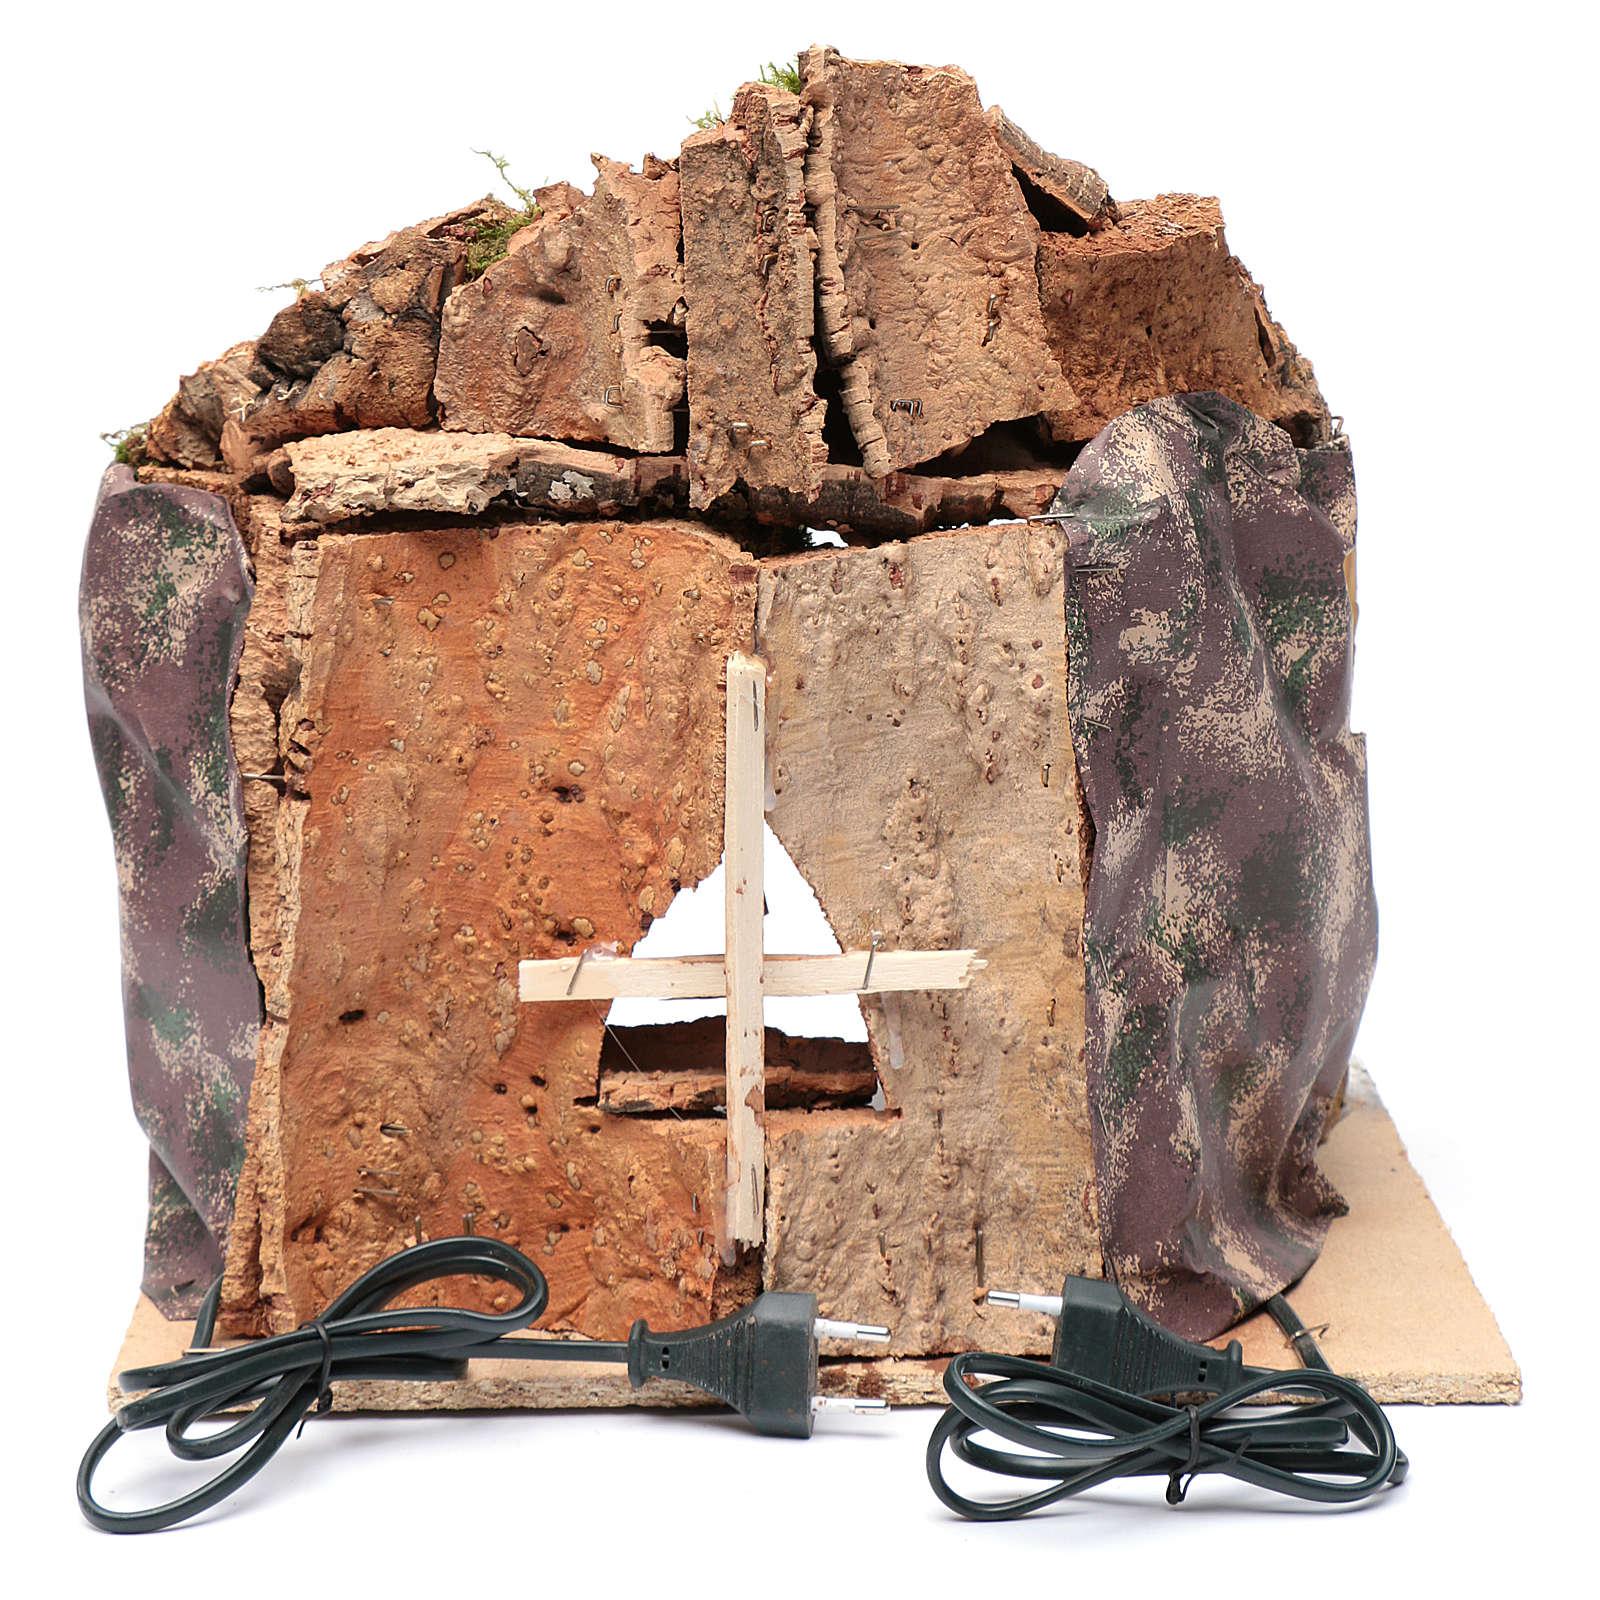 Grotta presepe Napoli illuminata e eff. Fuoco 35x40x22 cm 4